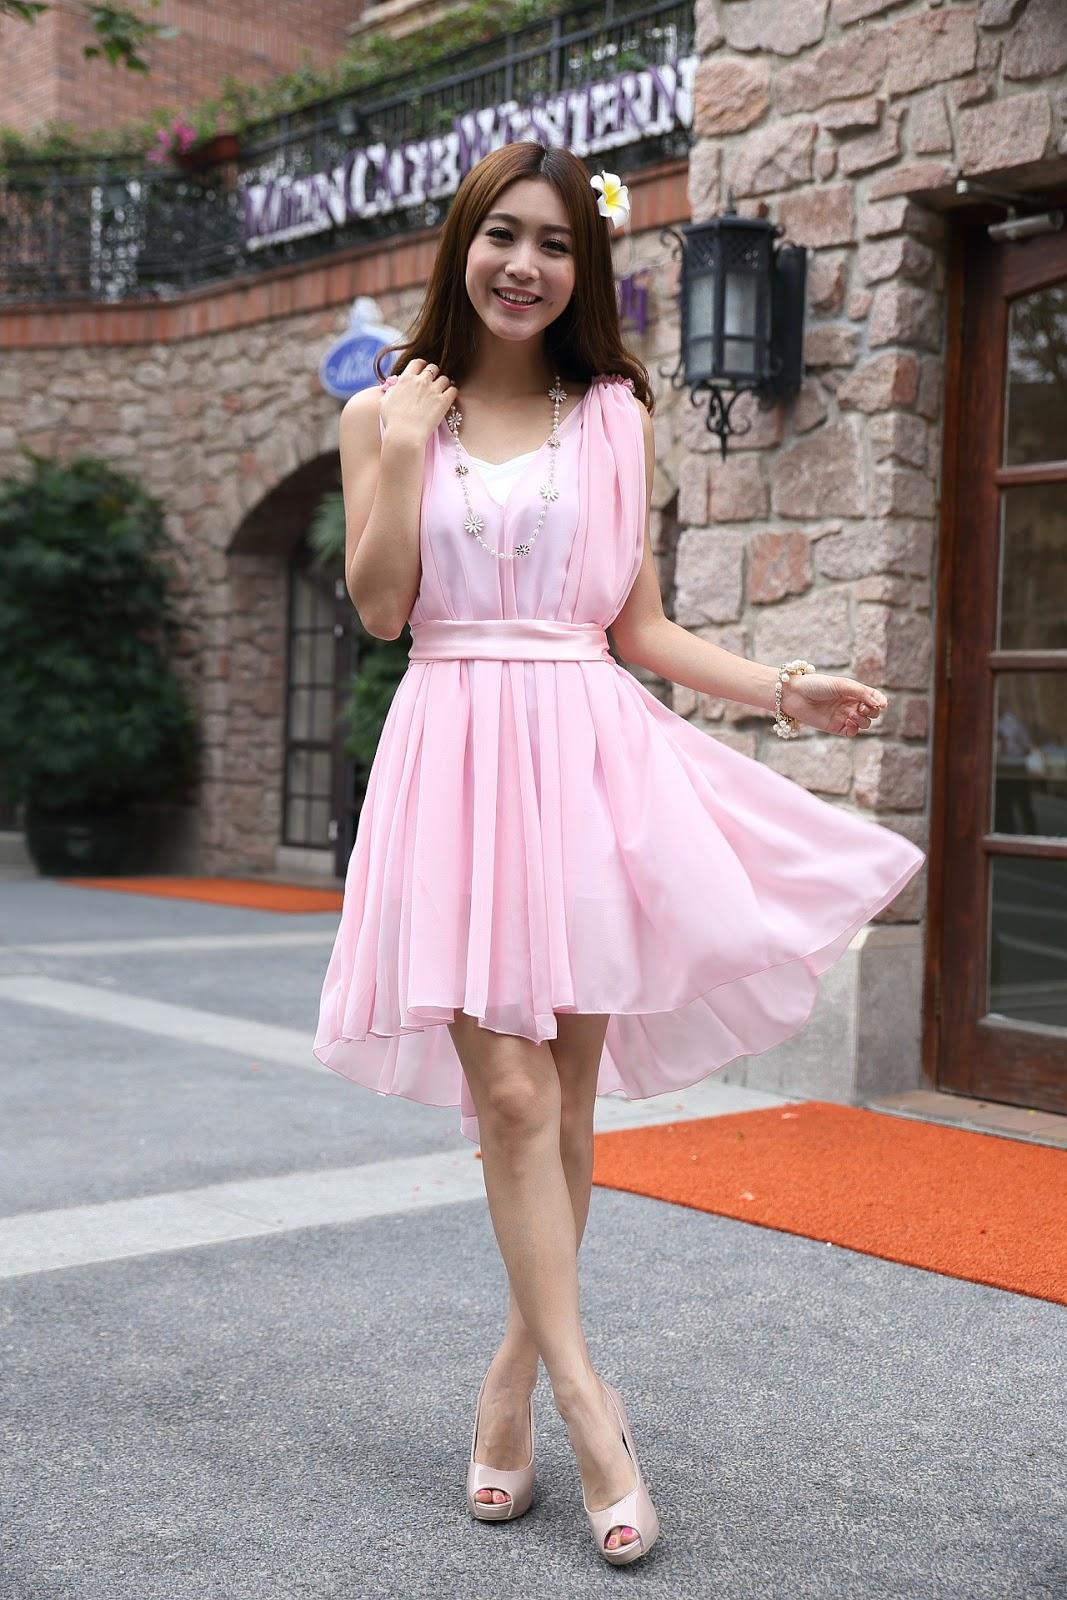 Modepol : Schuhe zu Kleid in Rosa oder Pastellfarben: Nix da